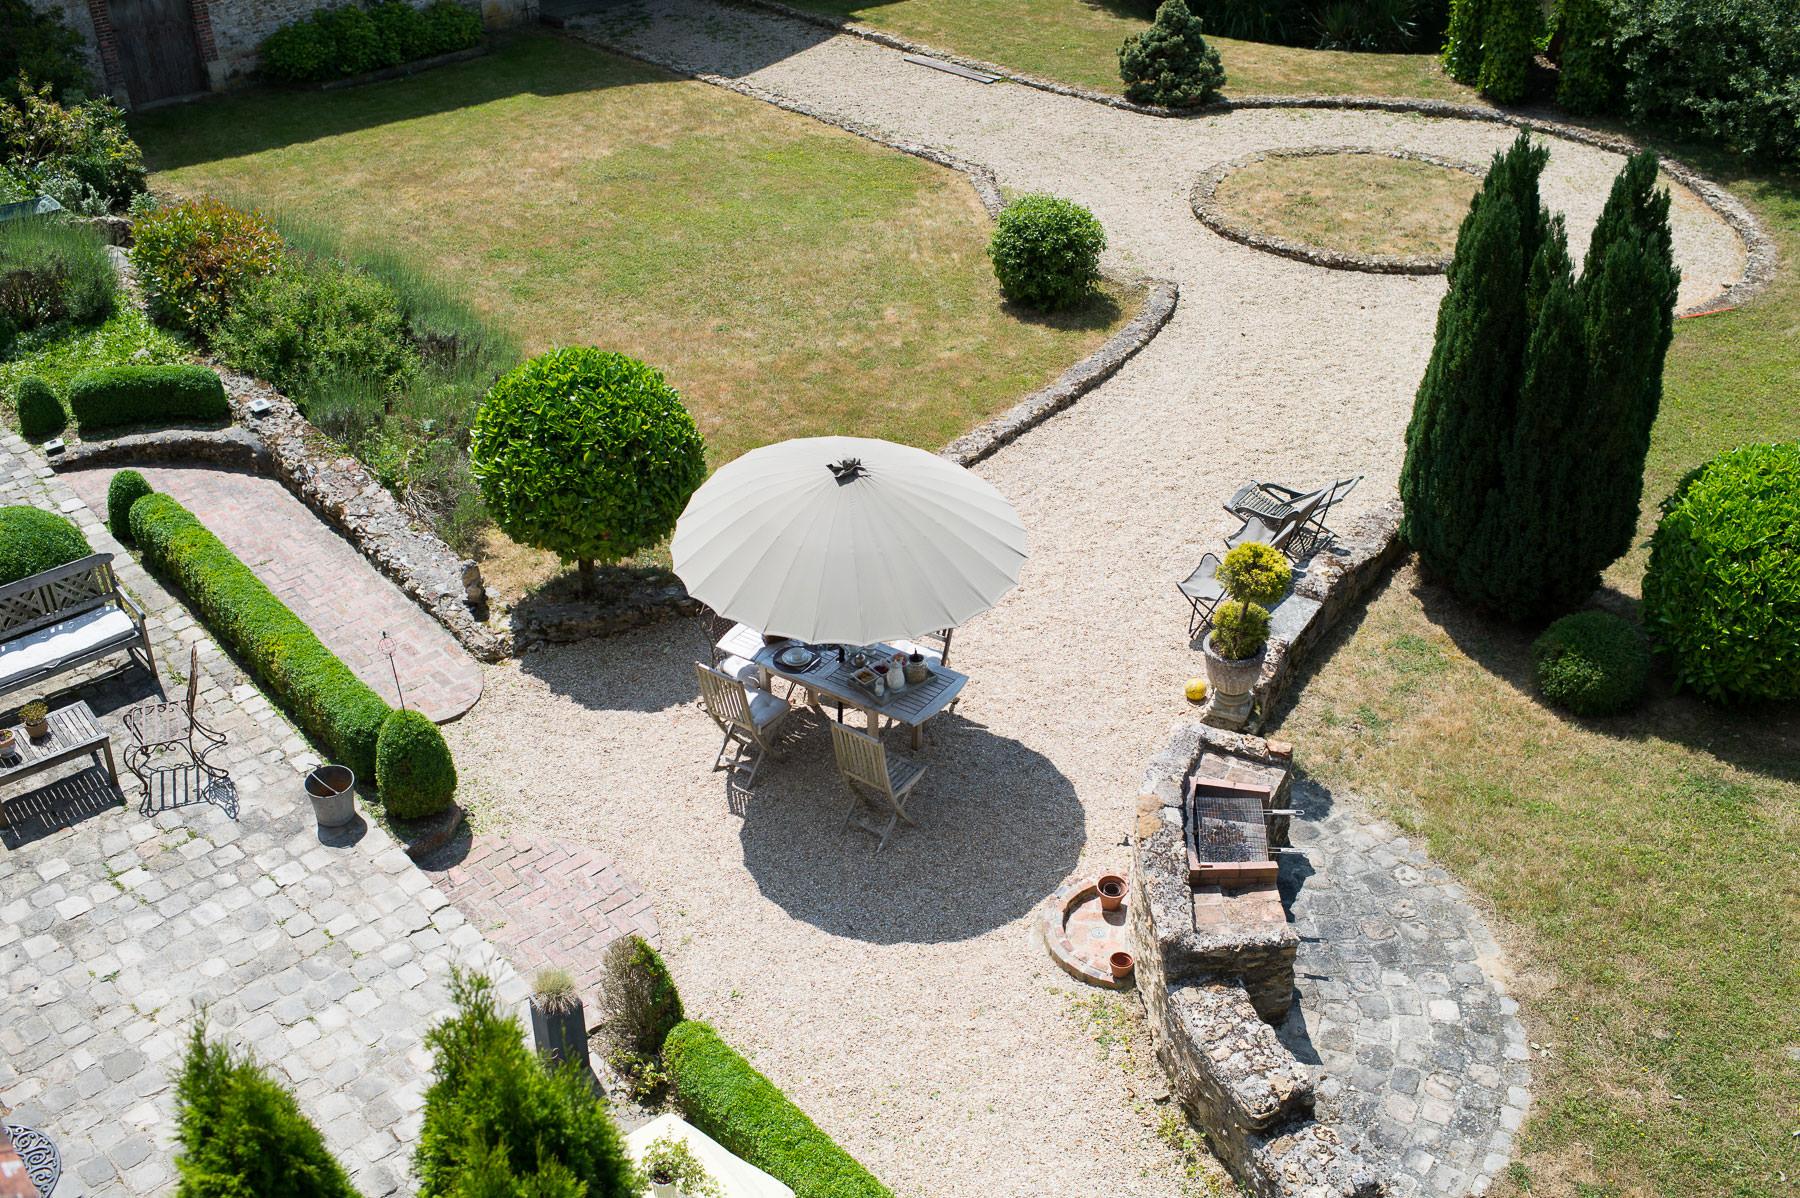 jardin-vu-chambre-dhotes-de-charme-nature